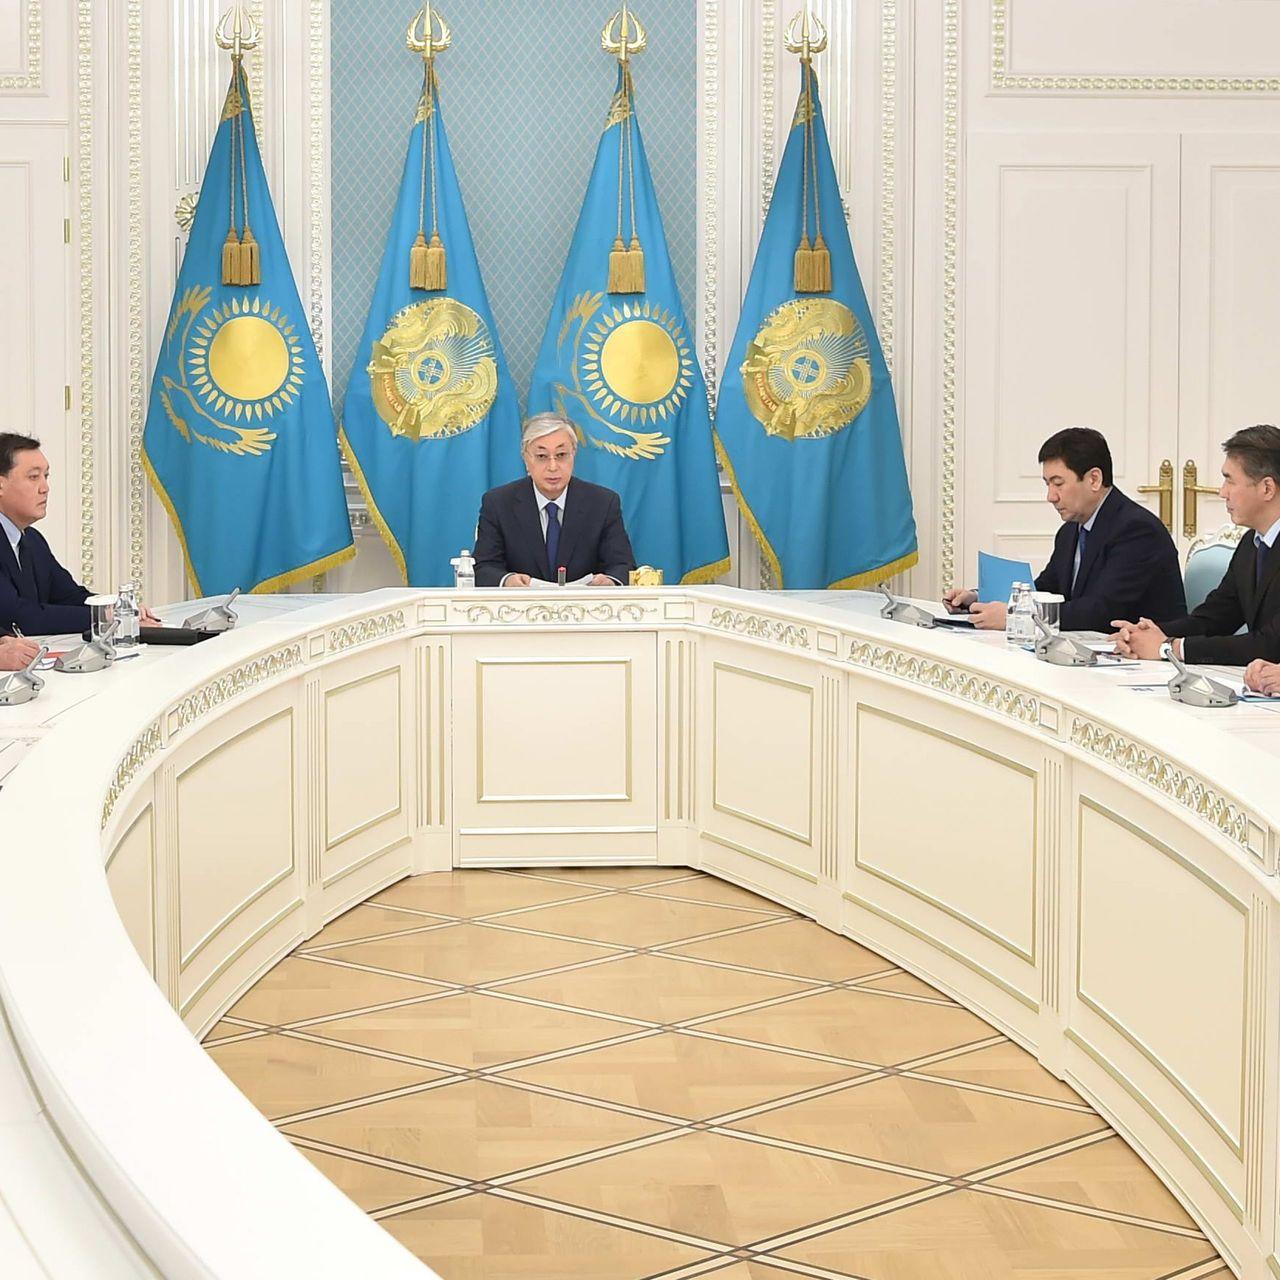 Мемлекет басшысы Қ.К. Тоқаевтың  Жамбыл облысындағы жағдайға байланысты мәлімдемесі